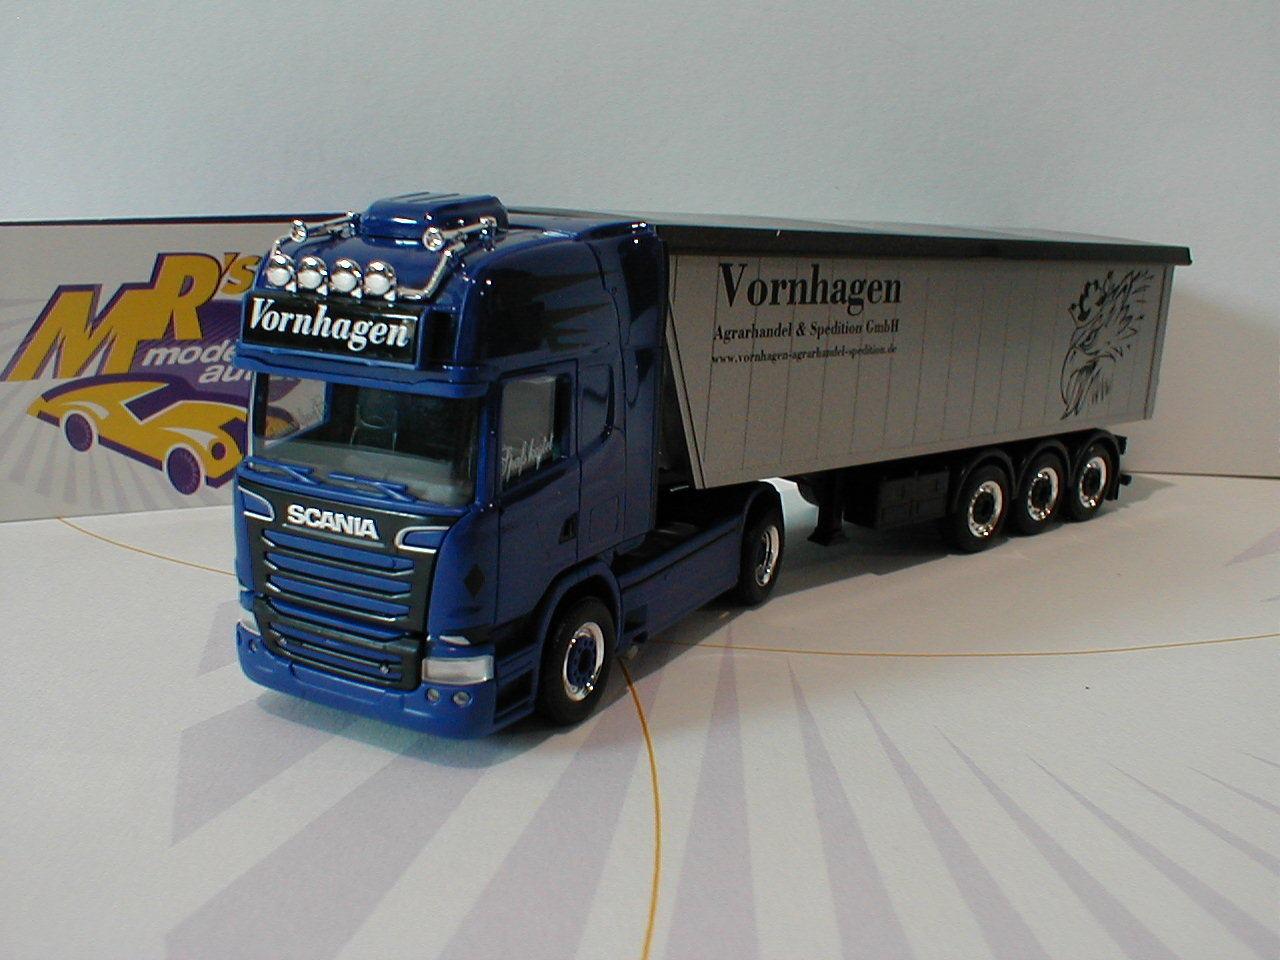 entrega rápida Herpa 930710-Scania 930710-Scania 930710-Scania R 13 remolCochese camiones  vornhagen comercio agrícola  1 87 nuevo     grandes precios de descuento